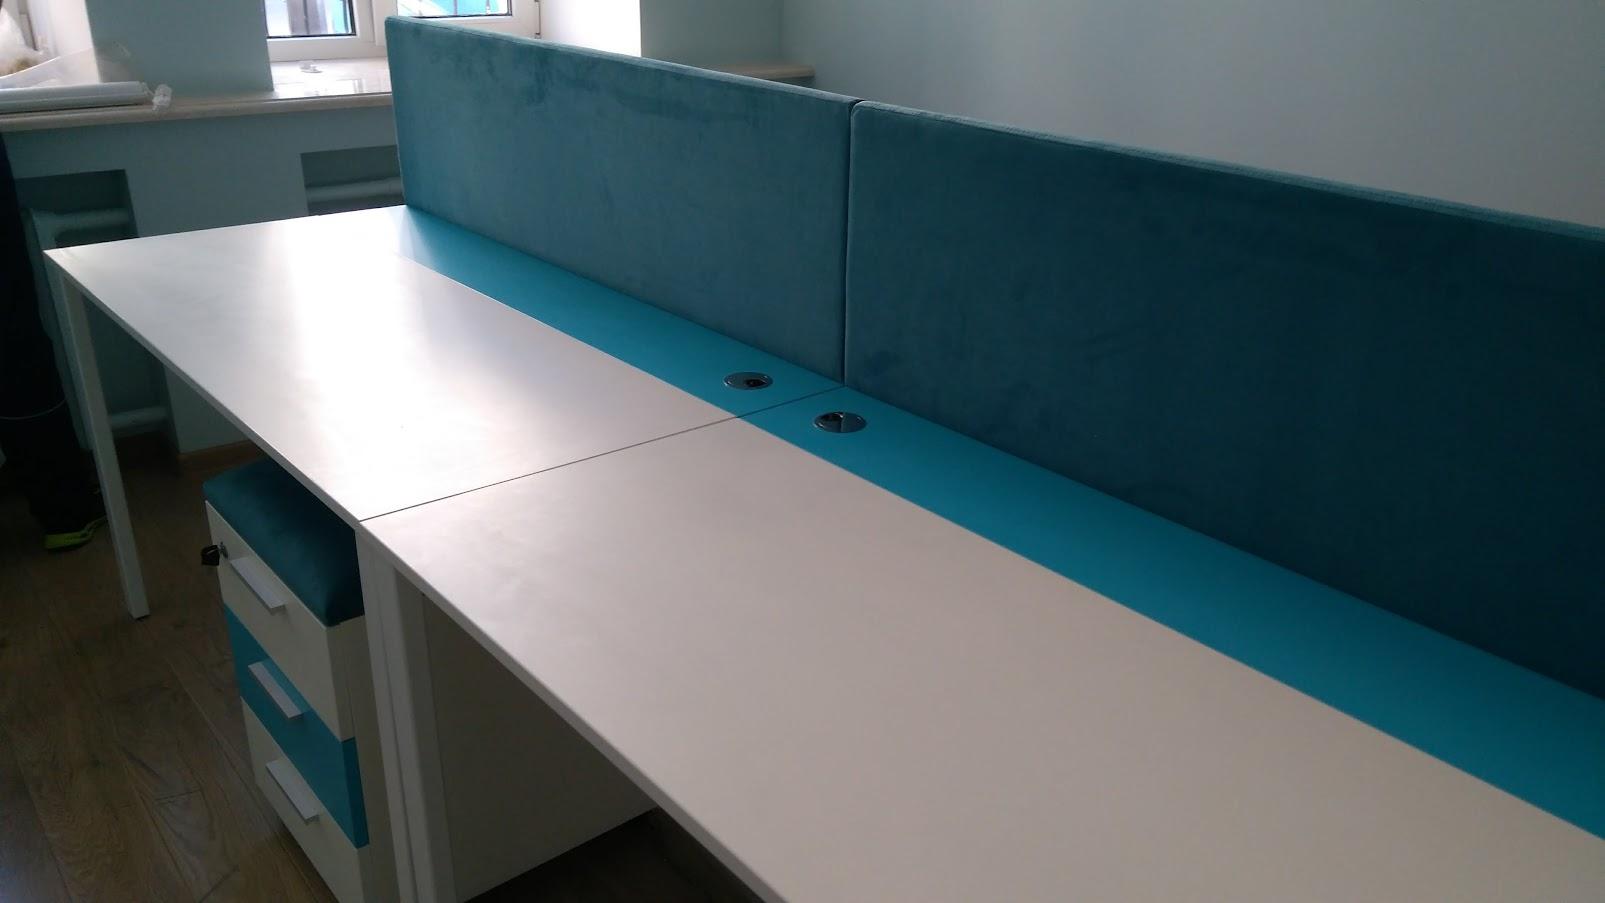 рабочая станция - Модульная офисная мебель, Металлические каркасы столов, Мебельные опоры ✆ 0679245444